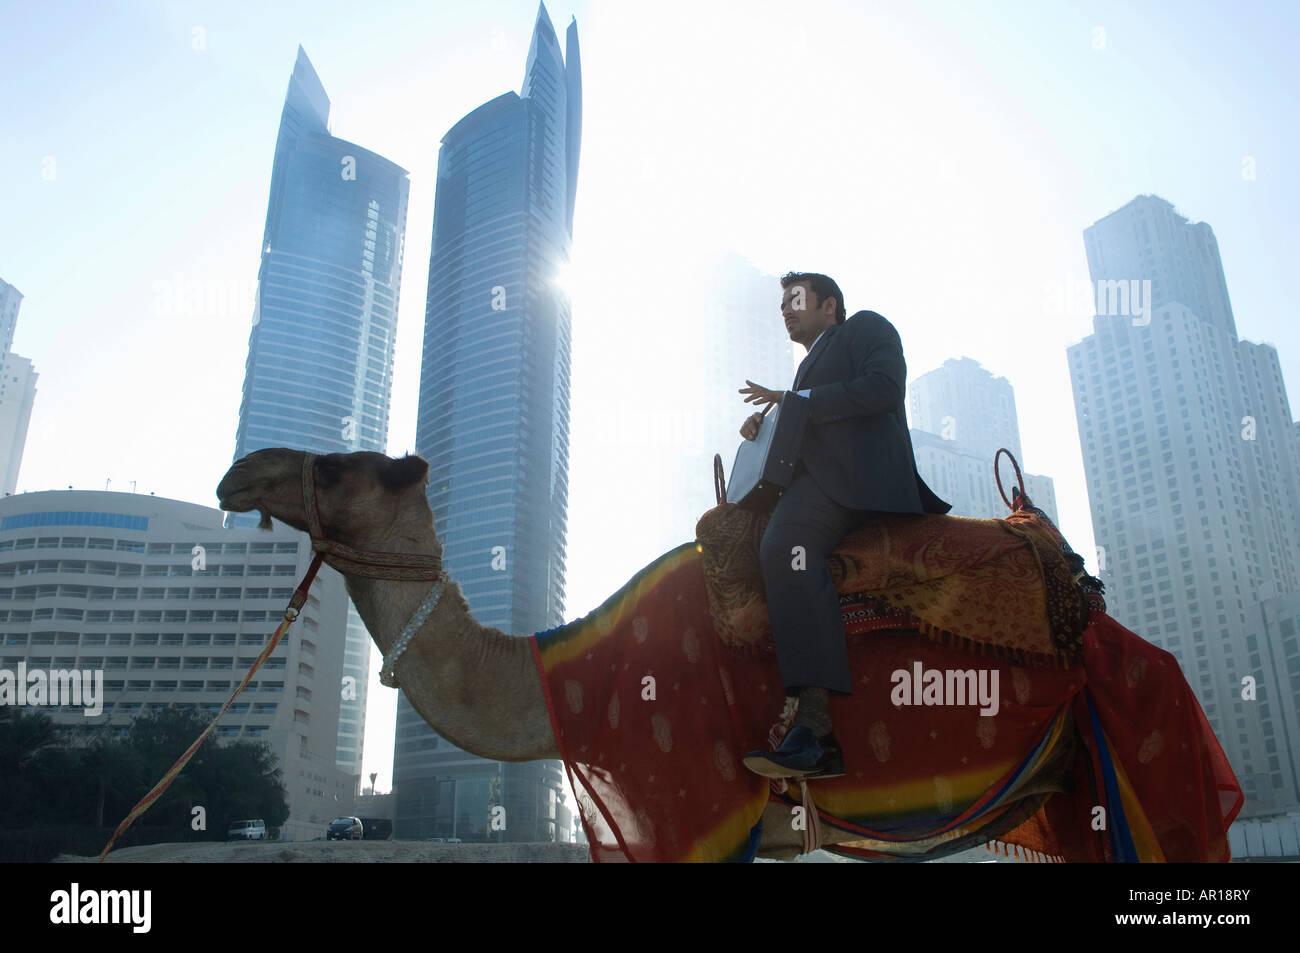 Empresario sentado en camello, Torres se ve a través de la niebla en el fondo Imagen De Stock